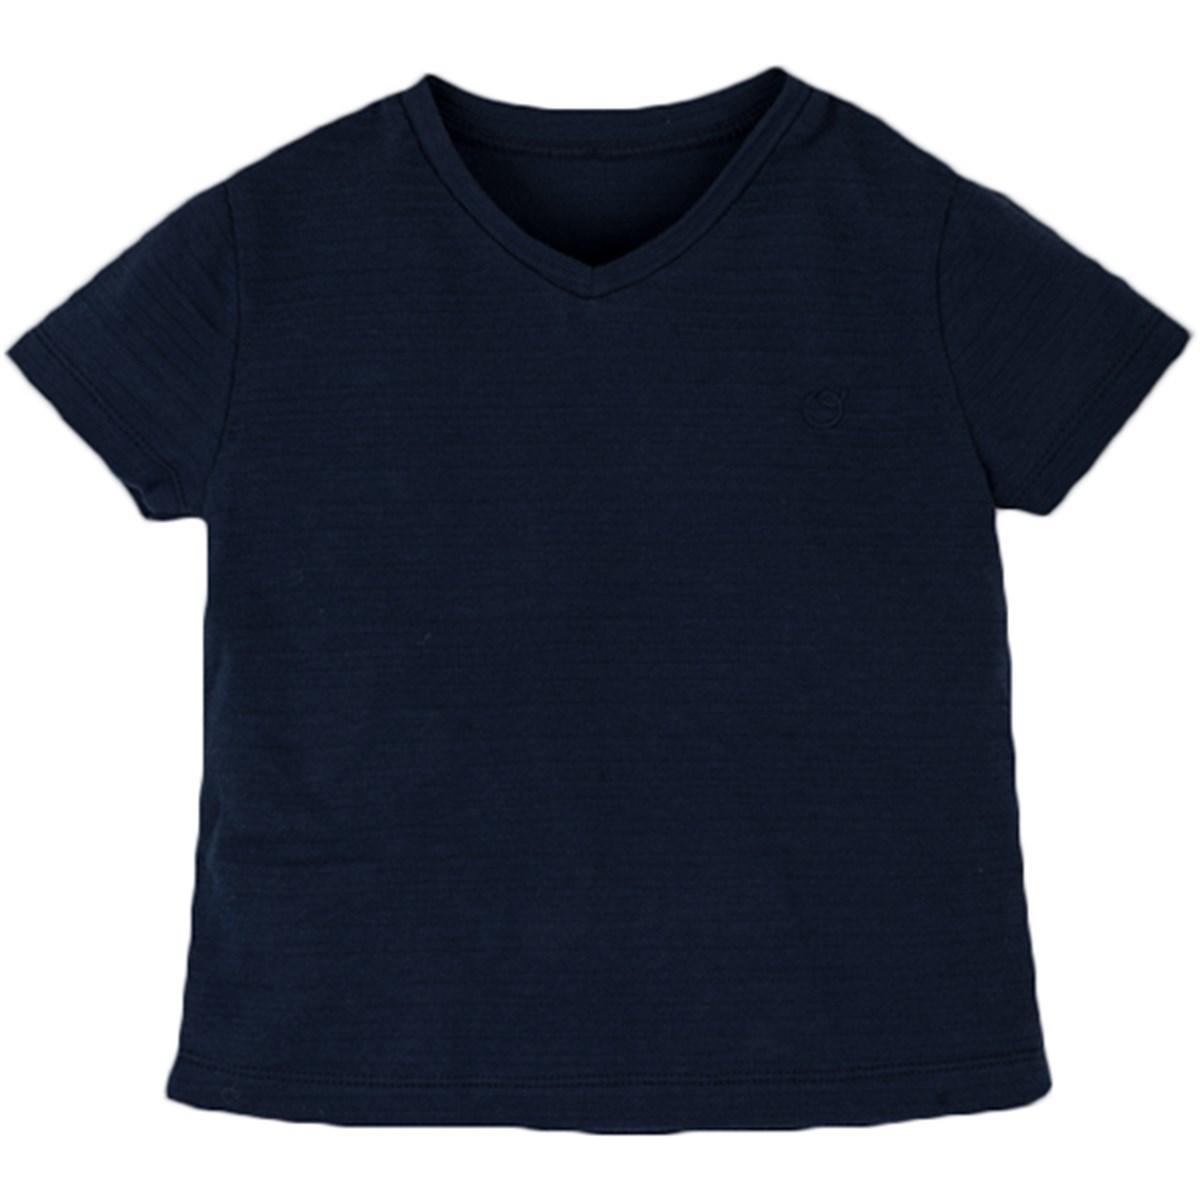 8404 Tshirt 1